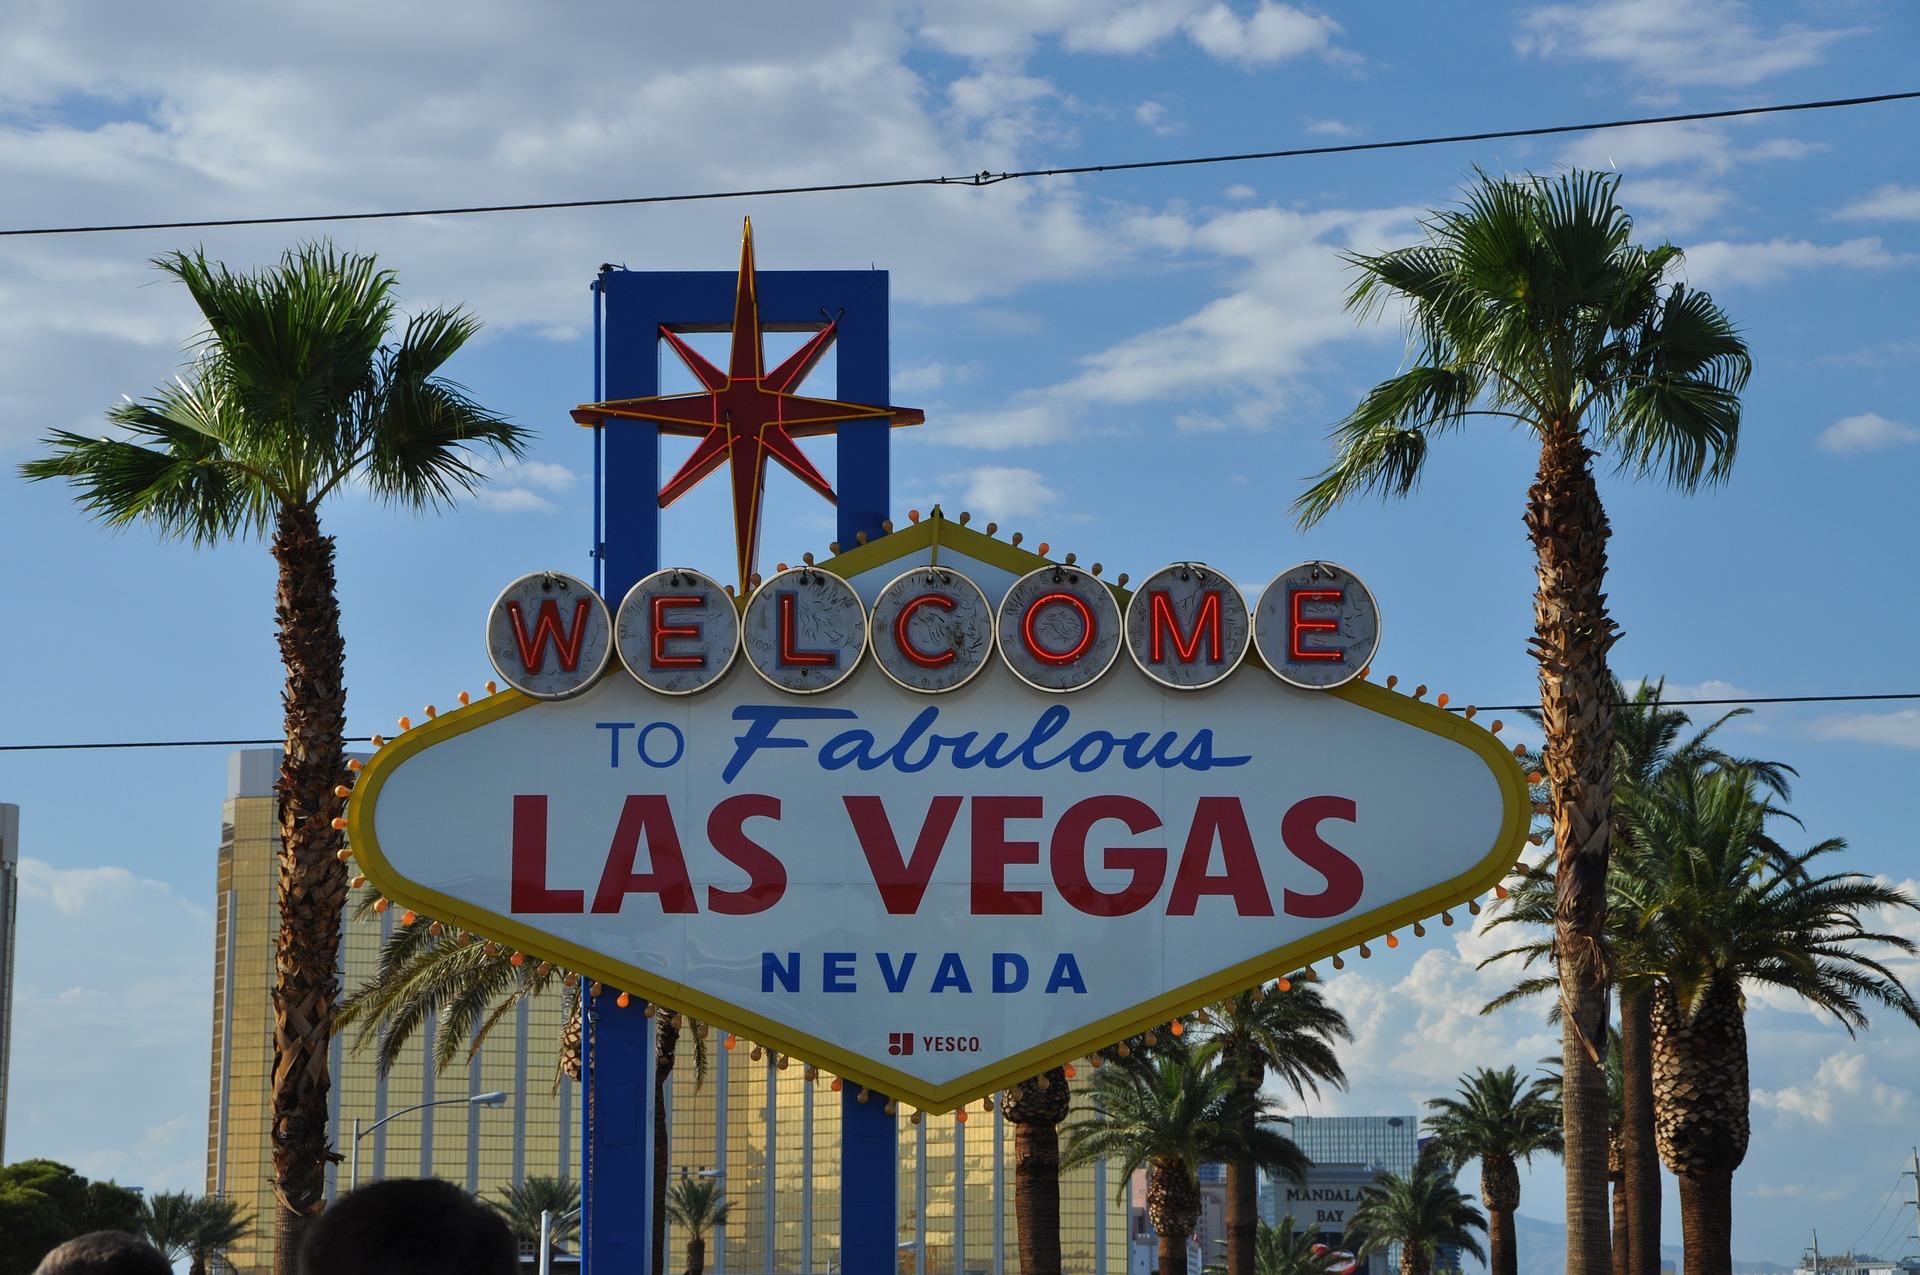 Pokera spēle ieteikumi iesācējiem - welcome to Las Vegas